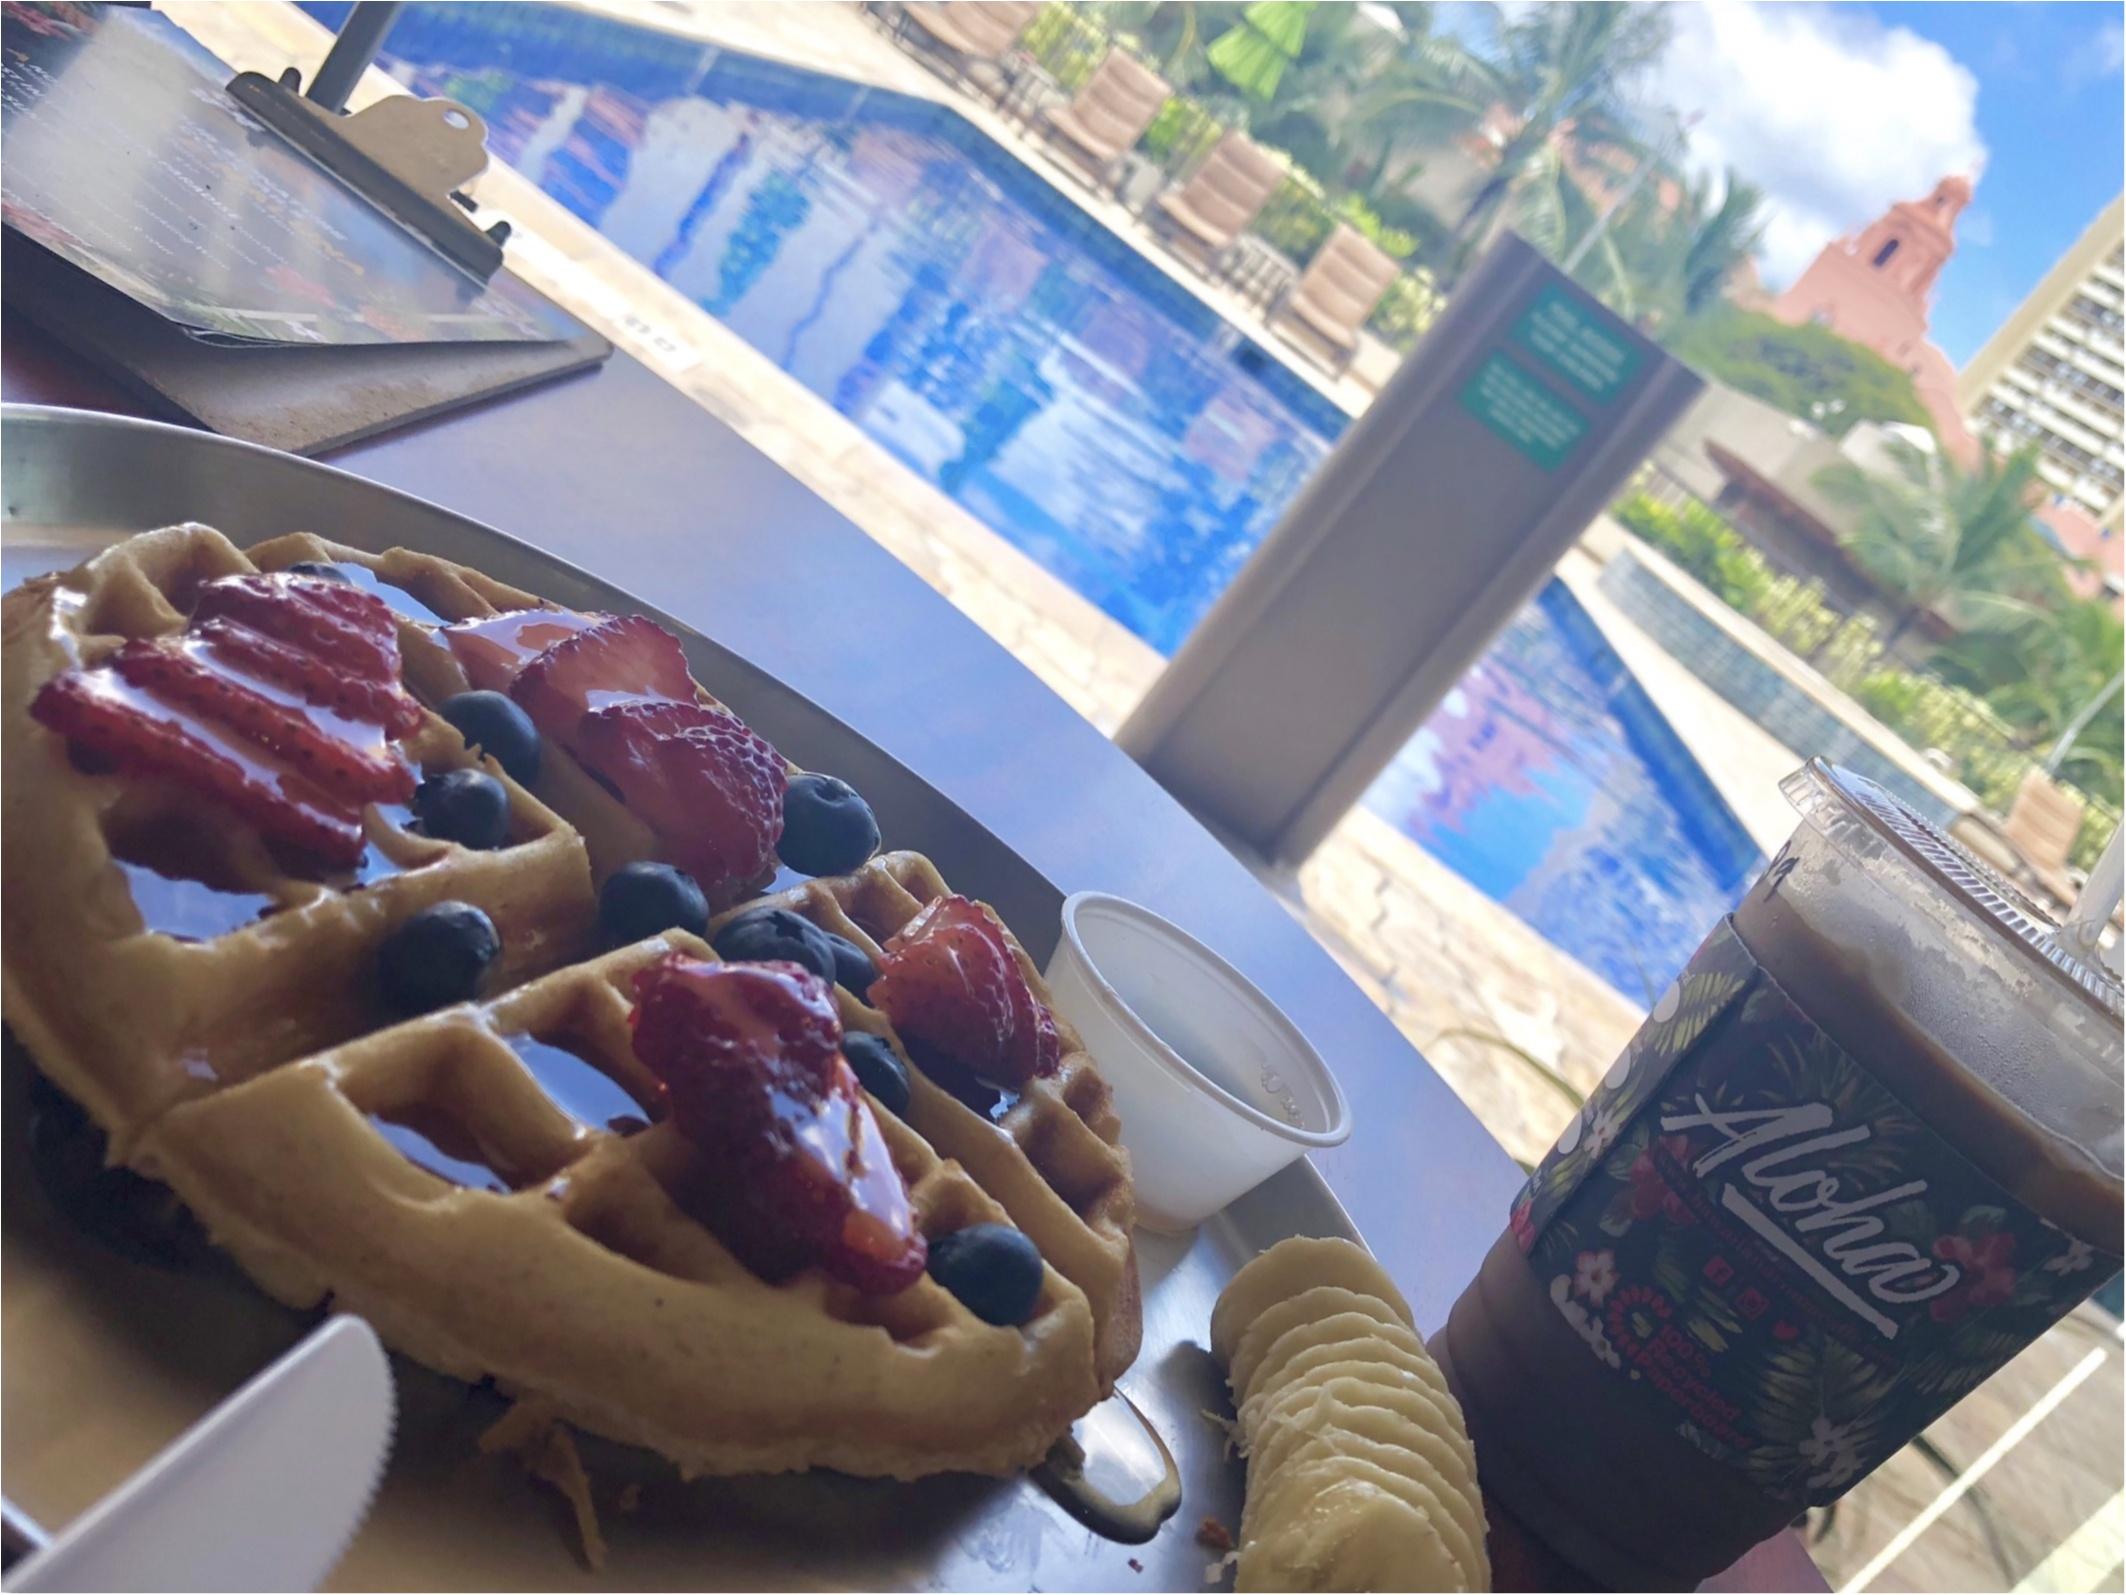 【Hawaii】おすすめ隠れ家カフェをご紹介します!!美味しいワッフルと内装が可愛いすぎる♡♡インスタ映えするフォトスペースも!?_7